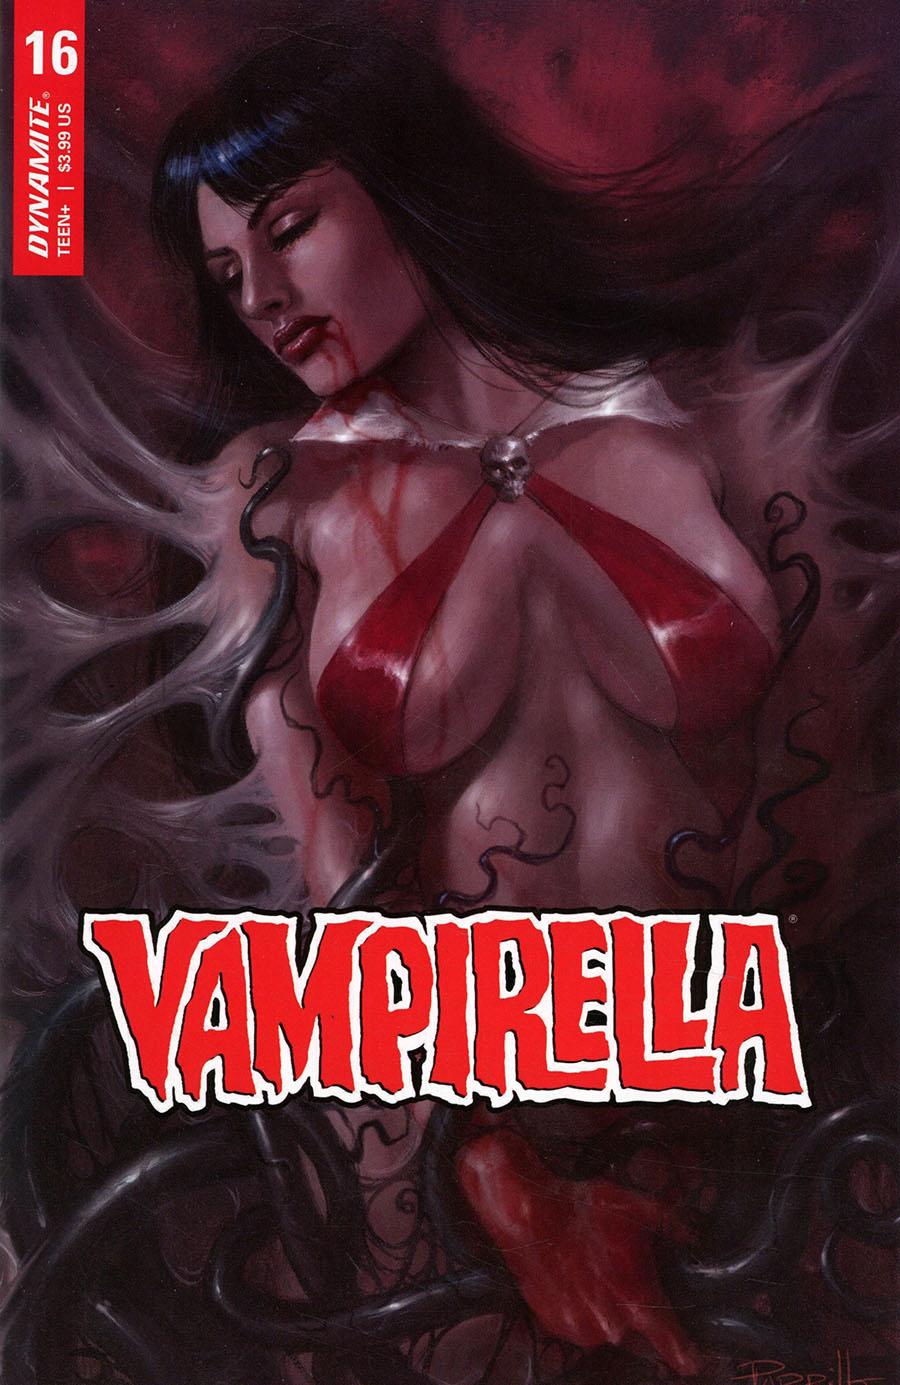 Vampirella Vol 8 #16 Cover A Regular Lucio Parrillo Cover